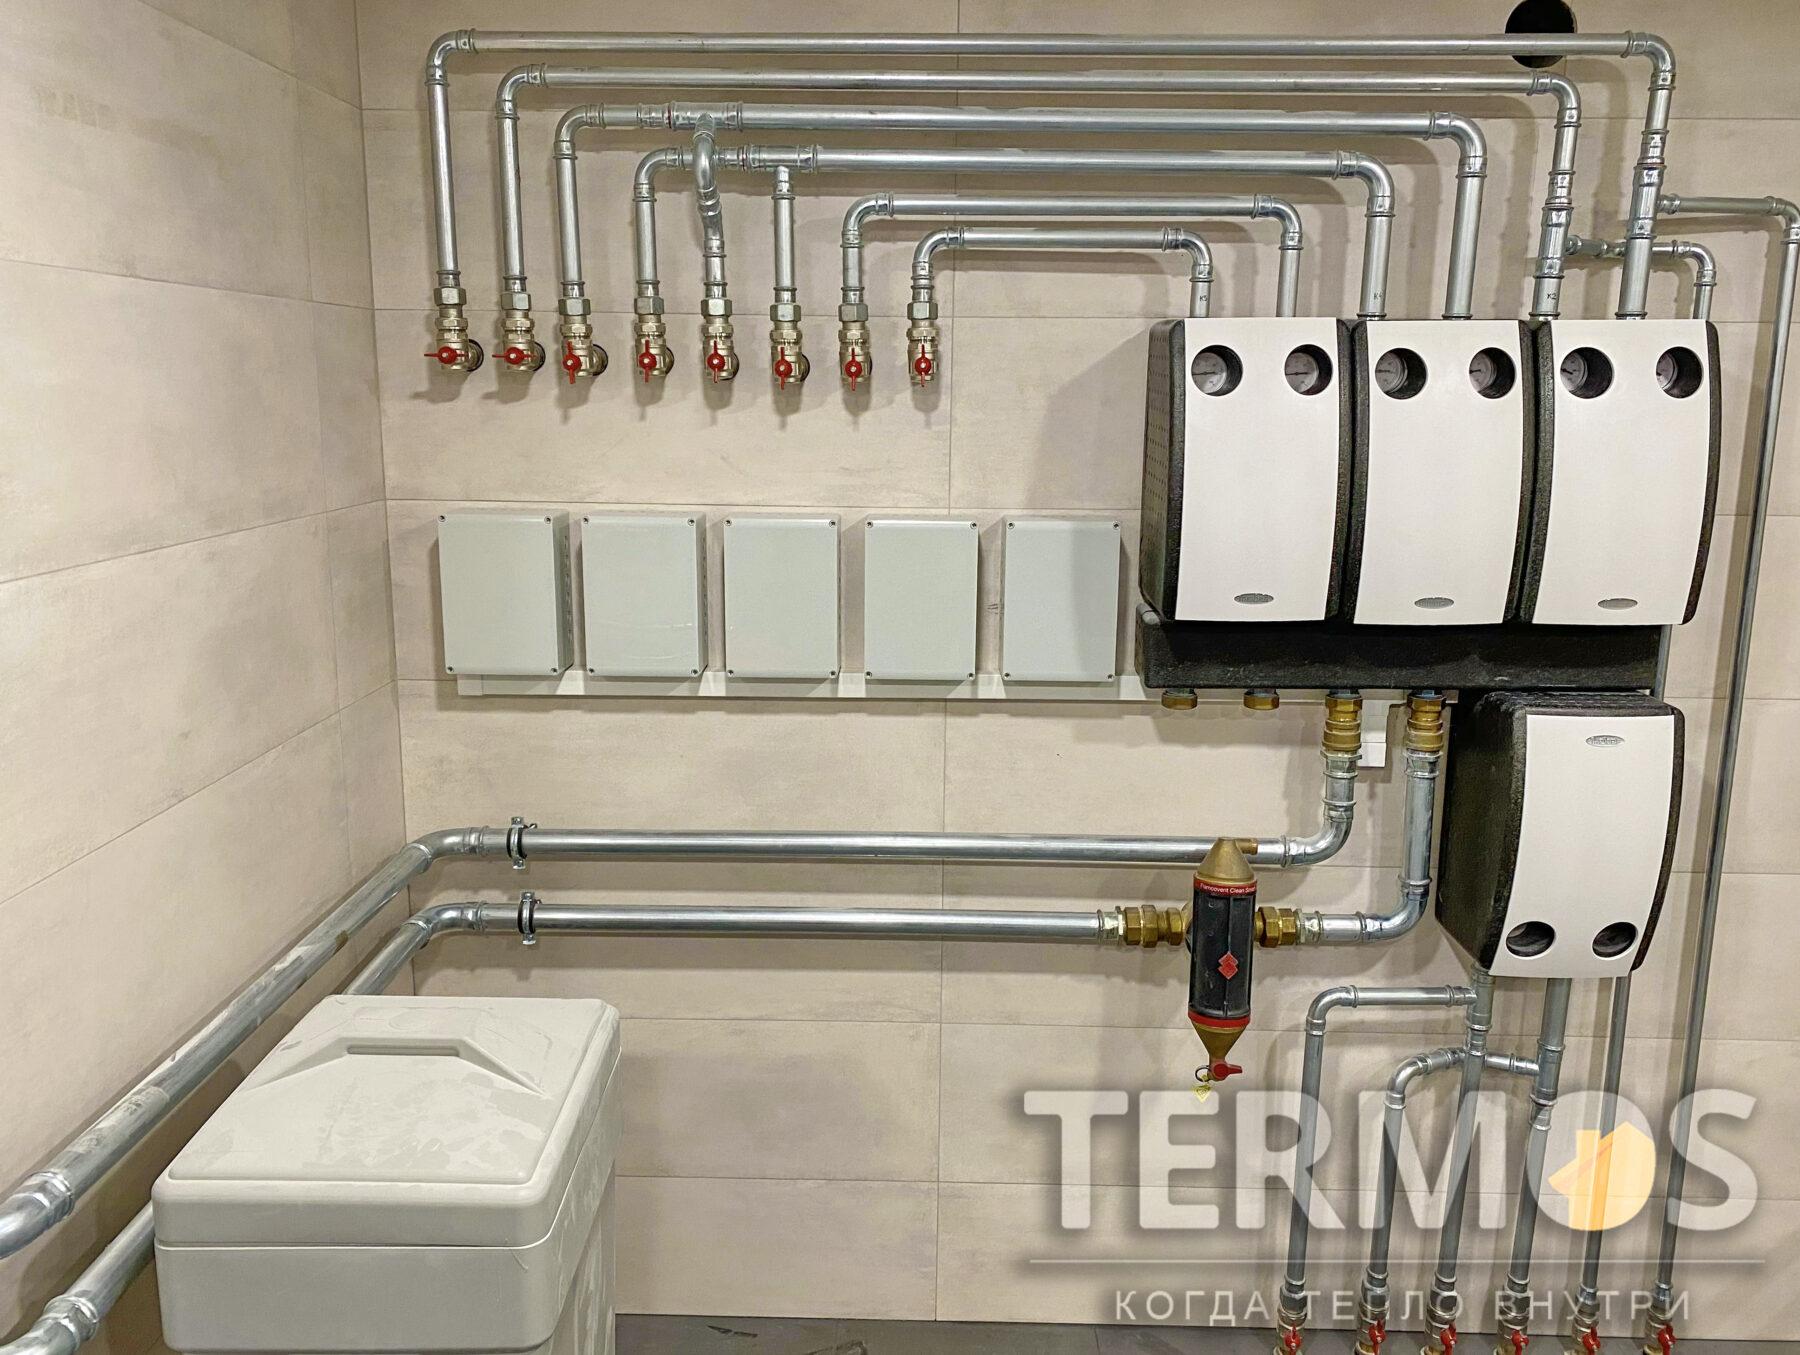 Распределительные насосные группы теплового насоса: теплый пол, внутрипольные конвектора, холодные потолки